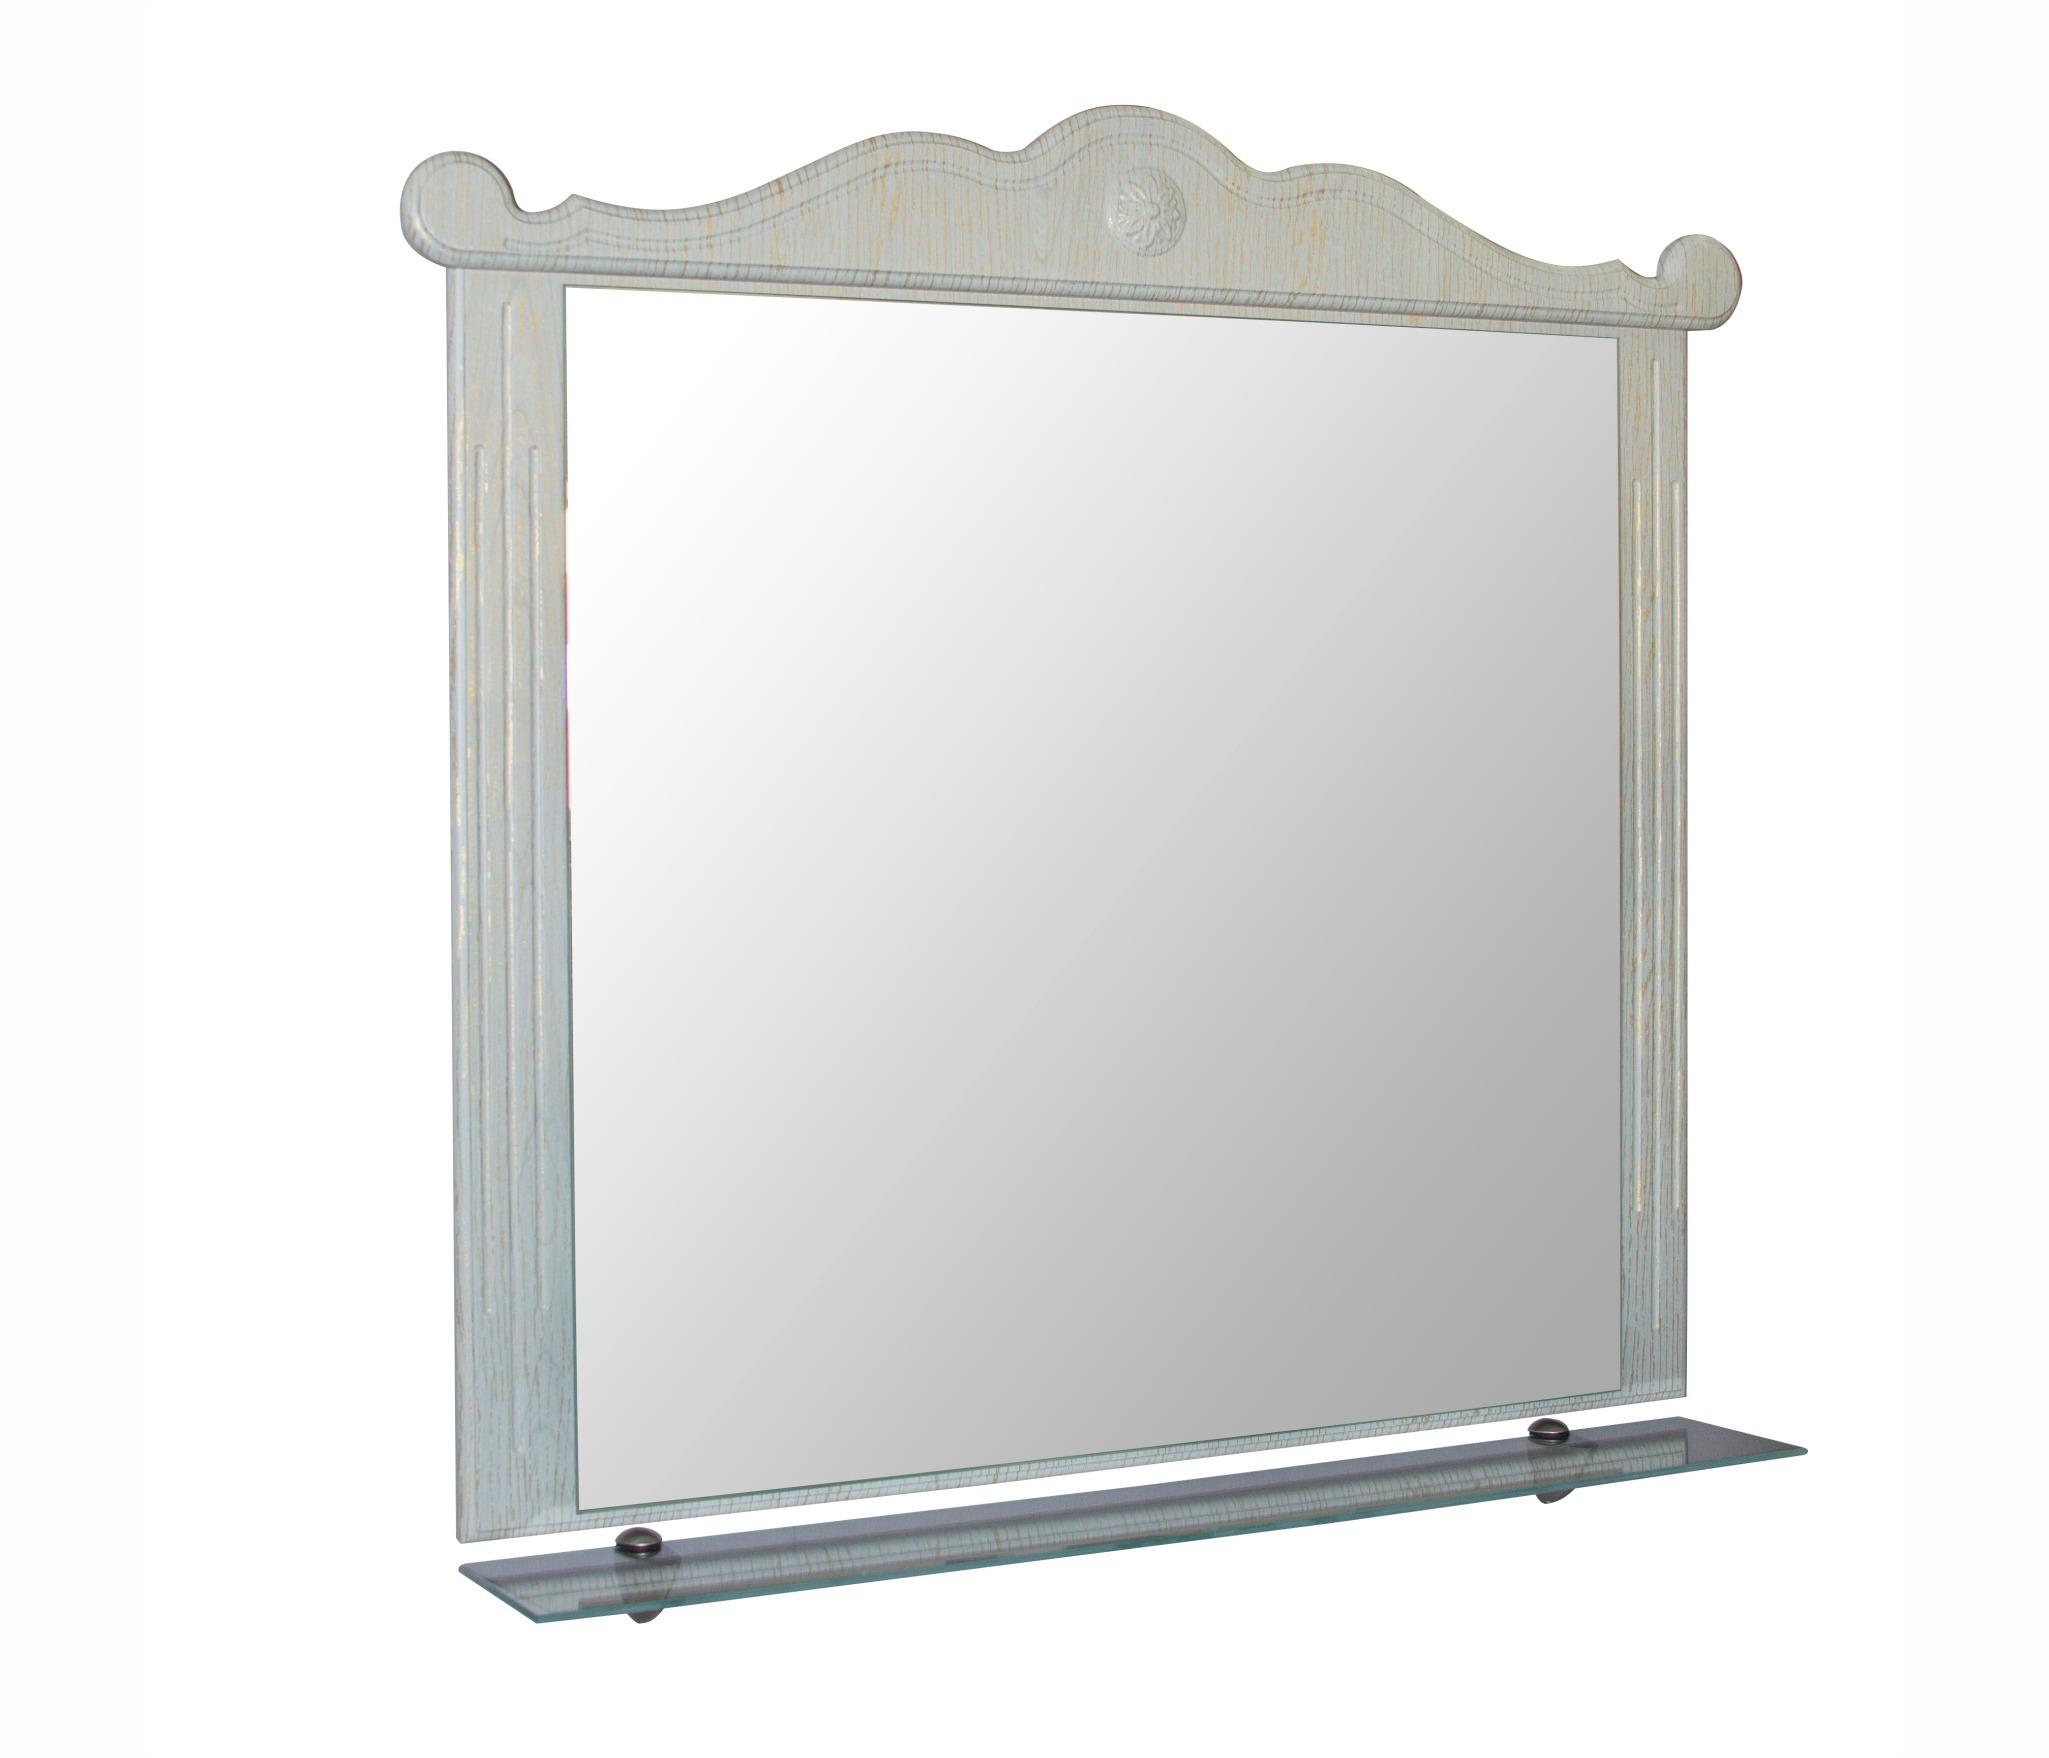 Зеркало ПРОВАНС-105 зеленый без подсветки (ПВХ) недорого